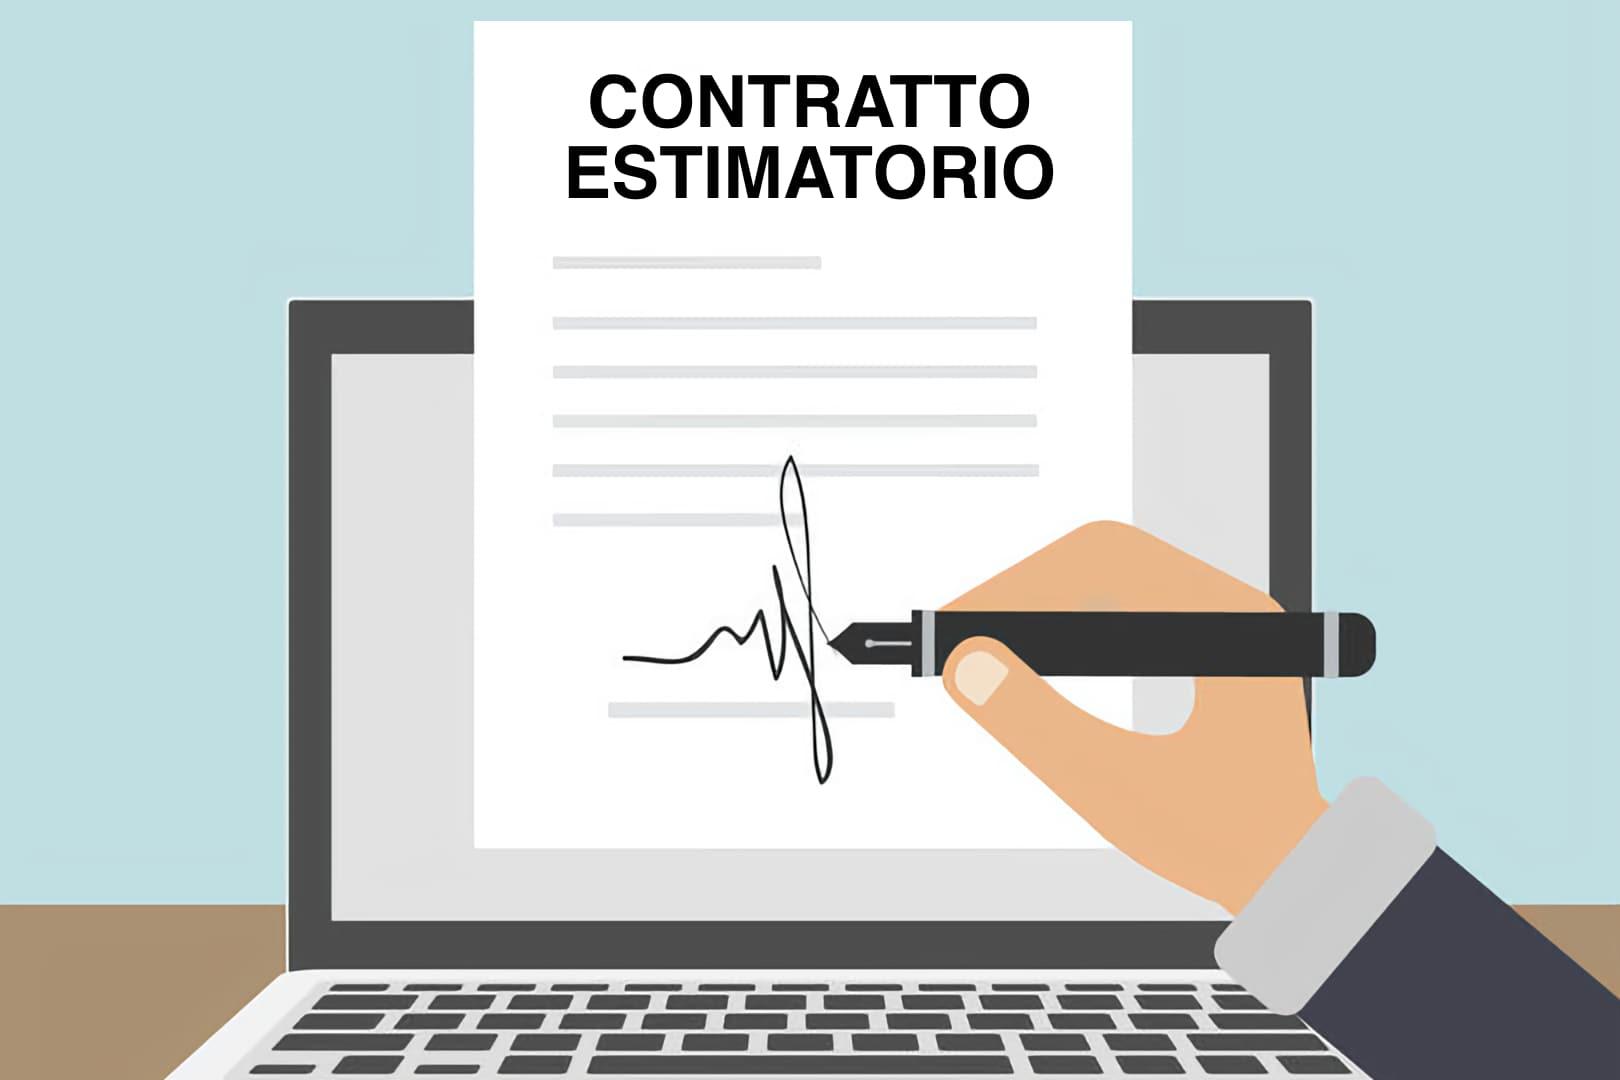 COVID 19: il contratto estimatorio come proposta per la continuazione dell'attività commerciale